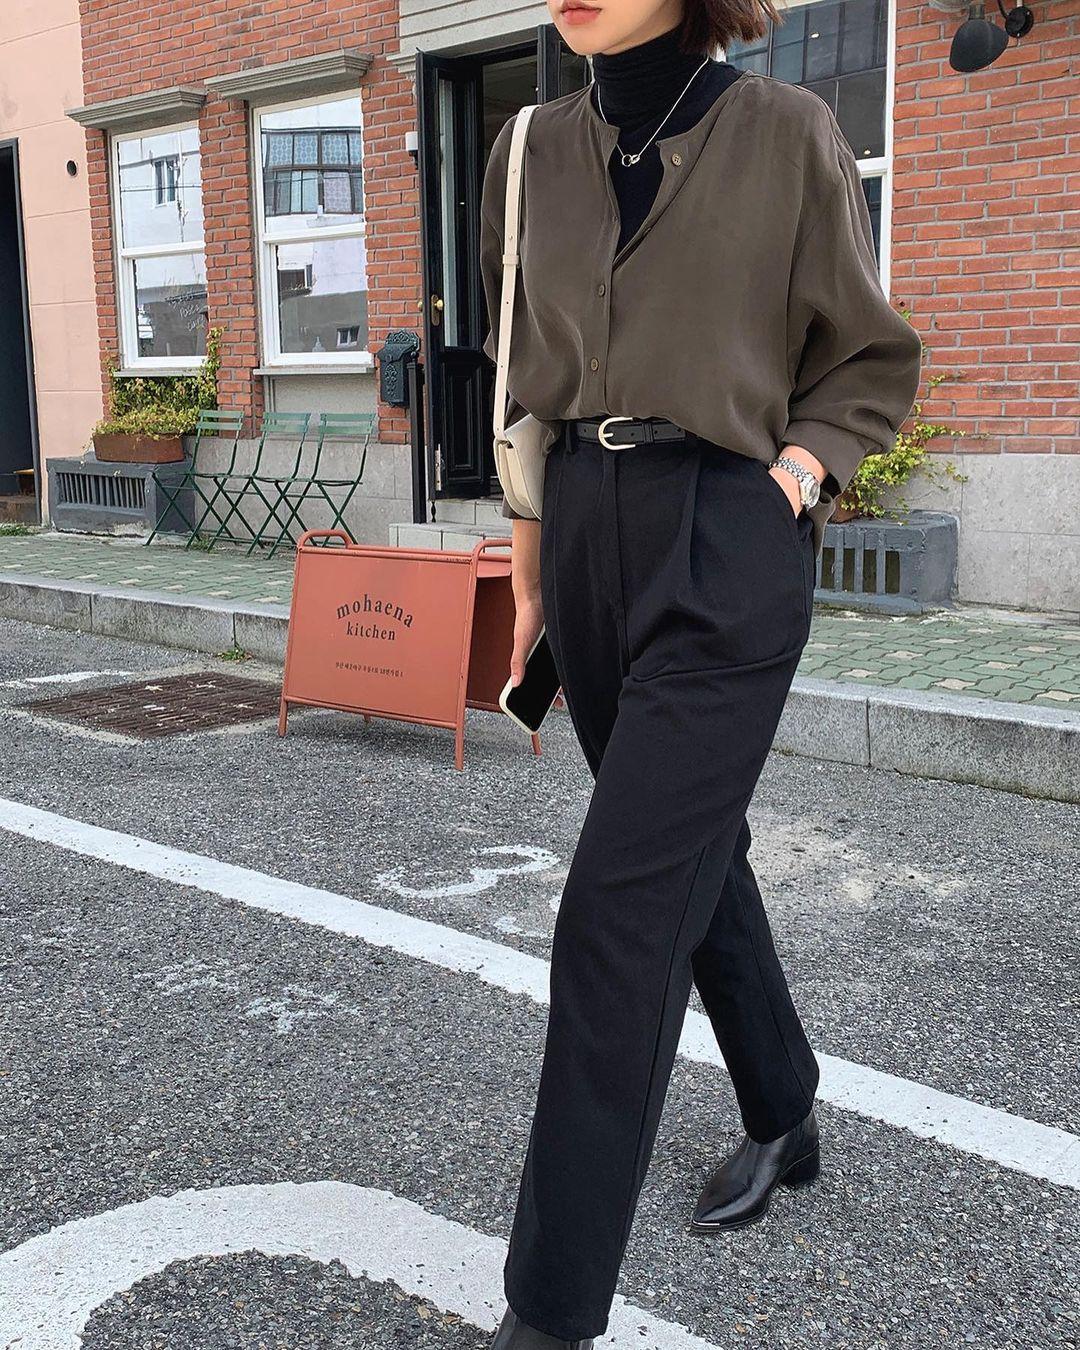 Gái Hàn diện quần đen rất nhiều nhưng luôn xịn đẹp chứ không nhàm chán, đó là vì họ có 4 tips - Ảnh 6